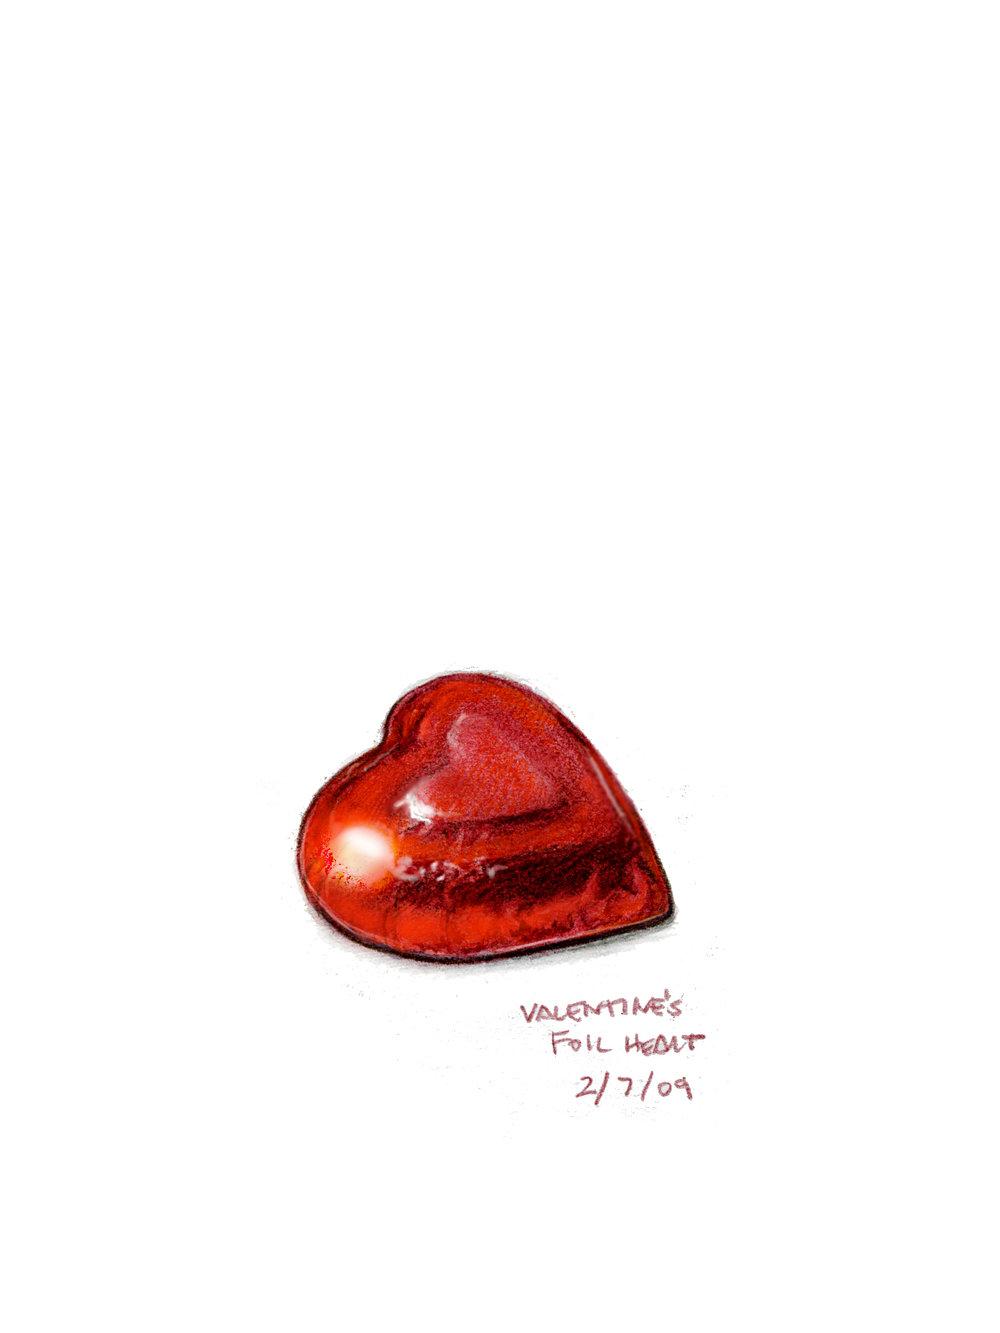 vday_foil_heart.jpg